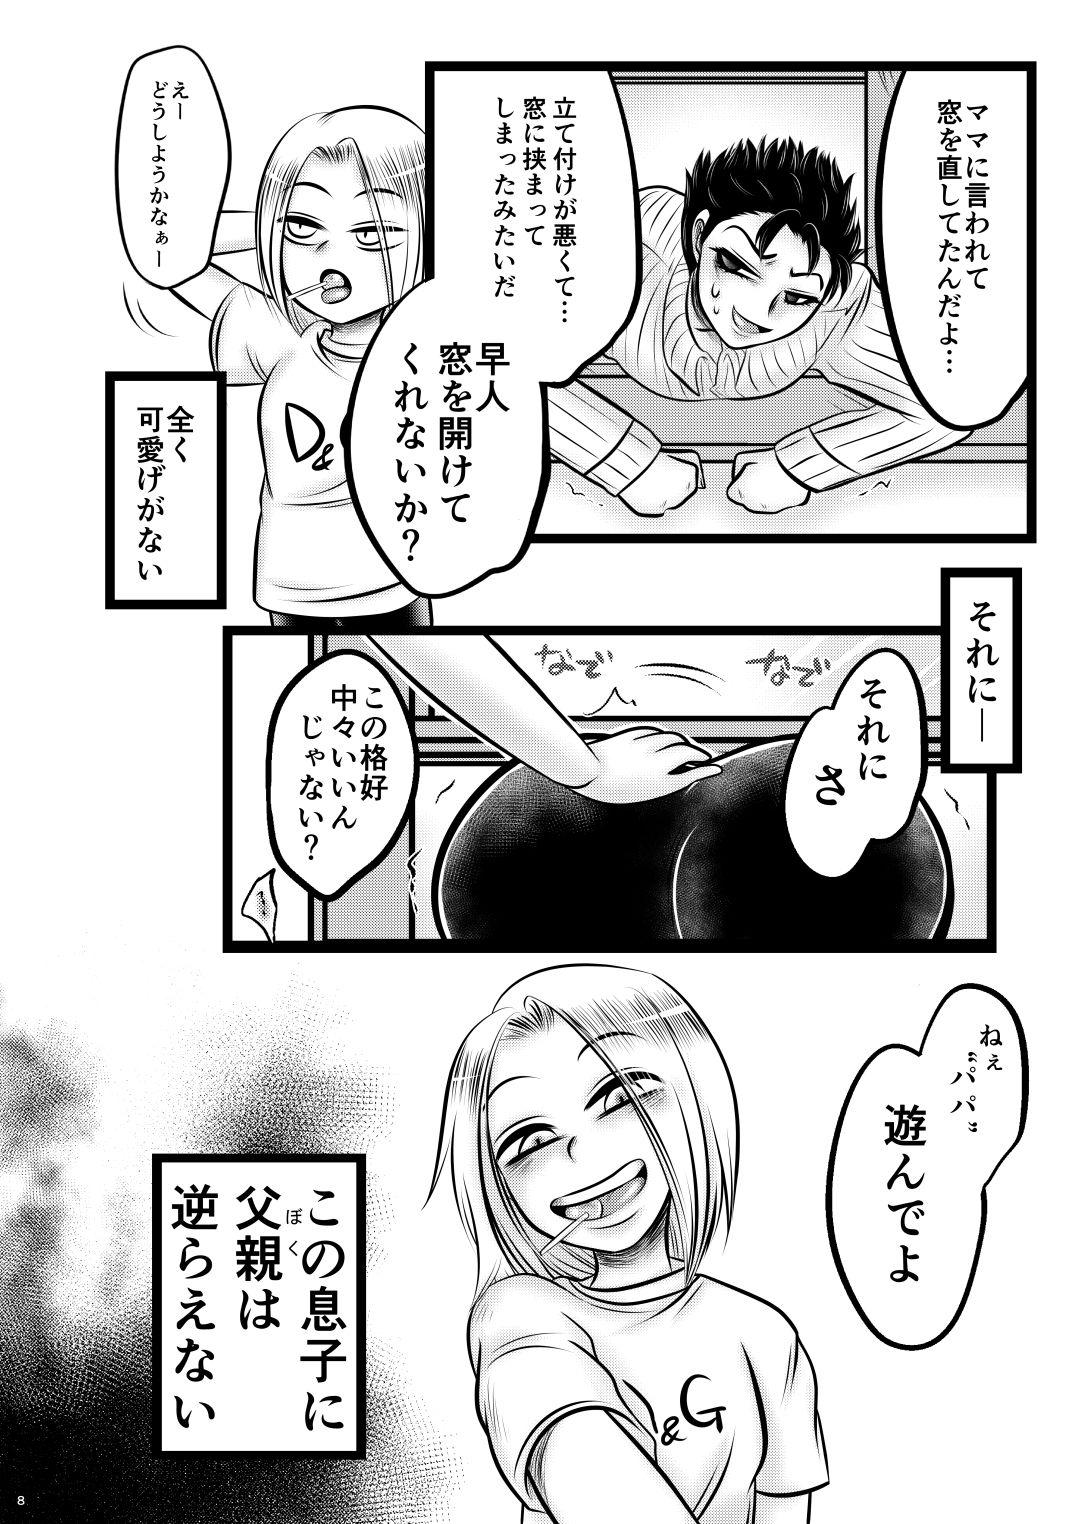 【ジョジョの奇妙な冒険 同人】川尻浩作の壁尻本。